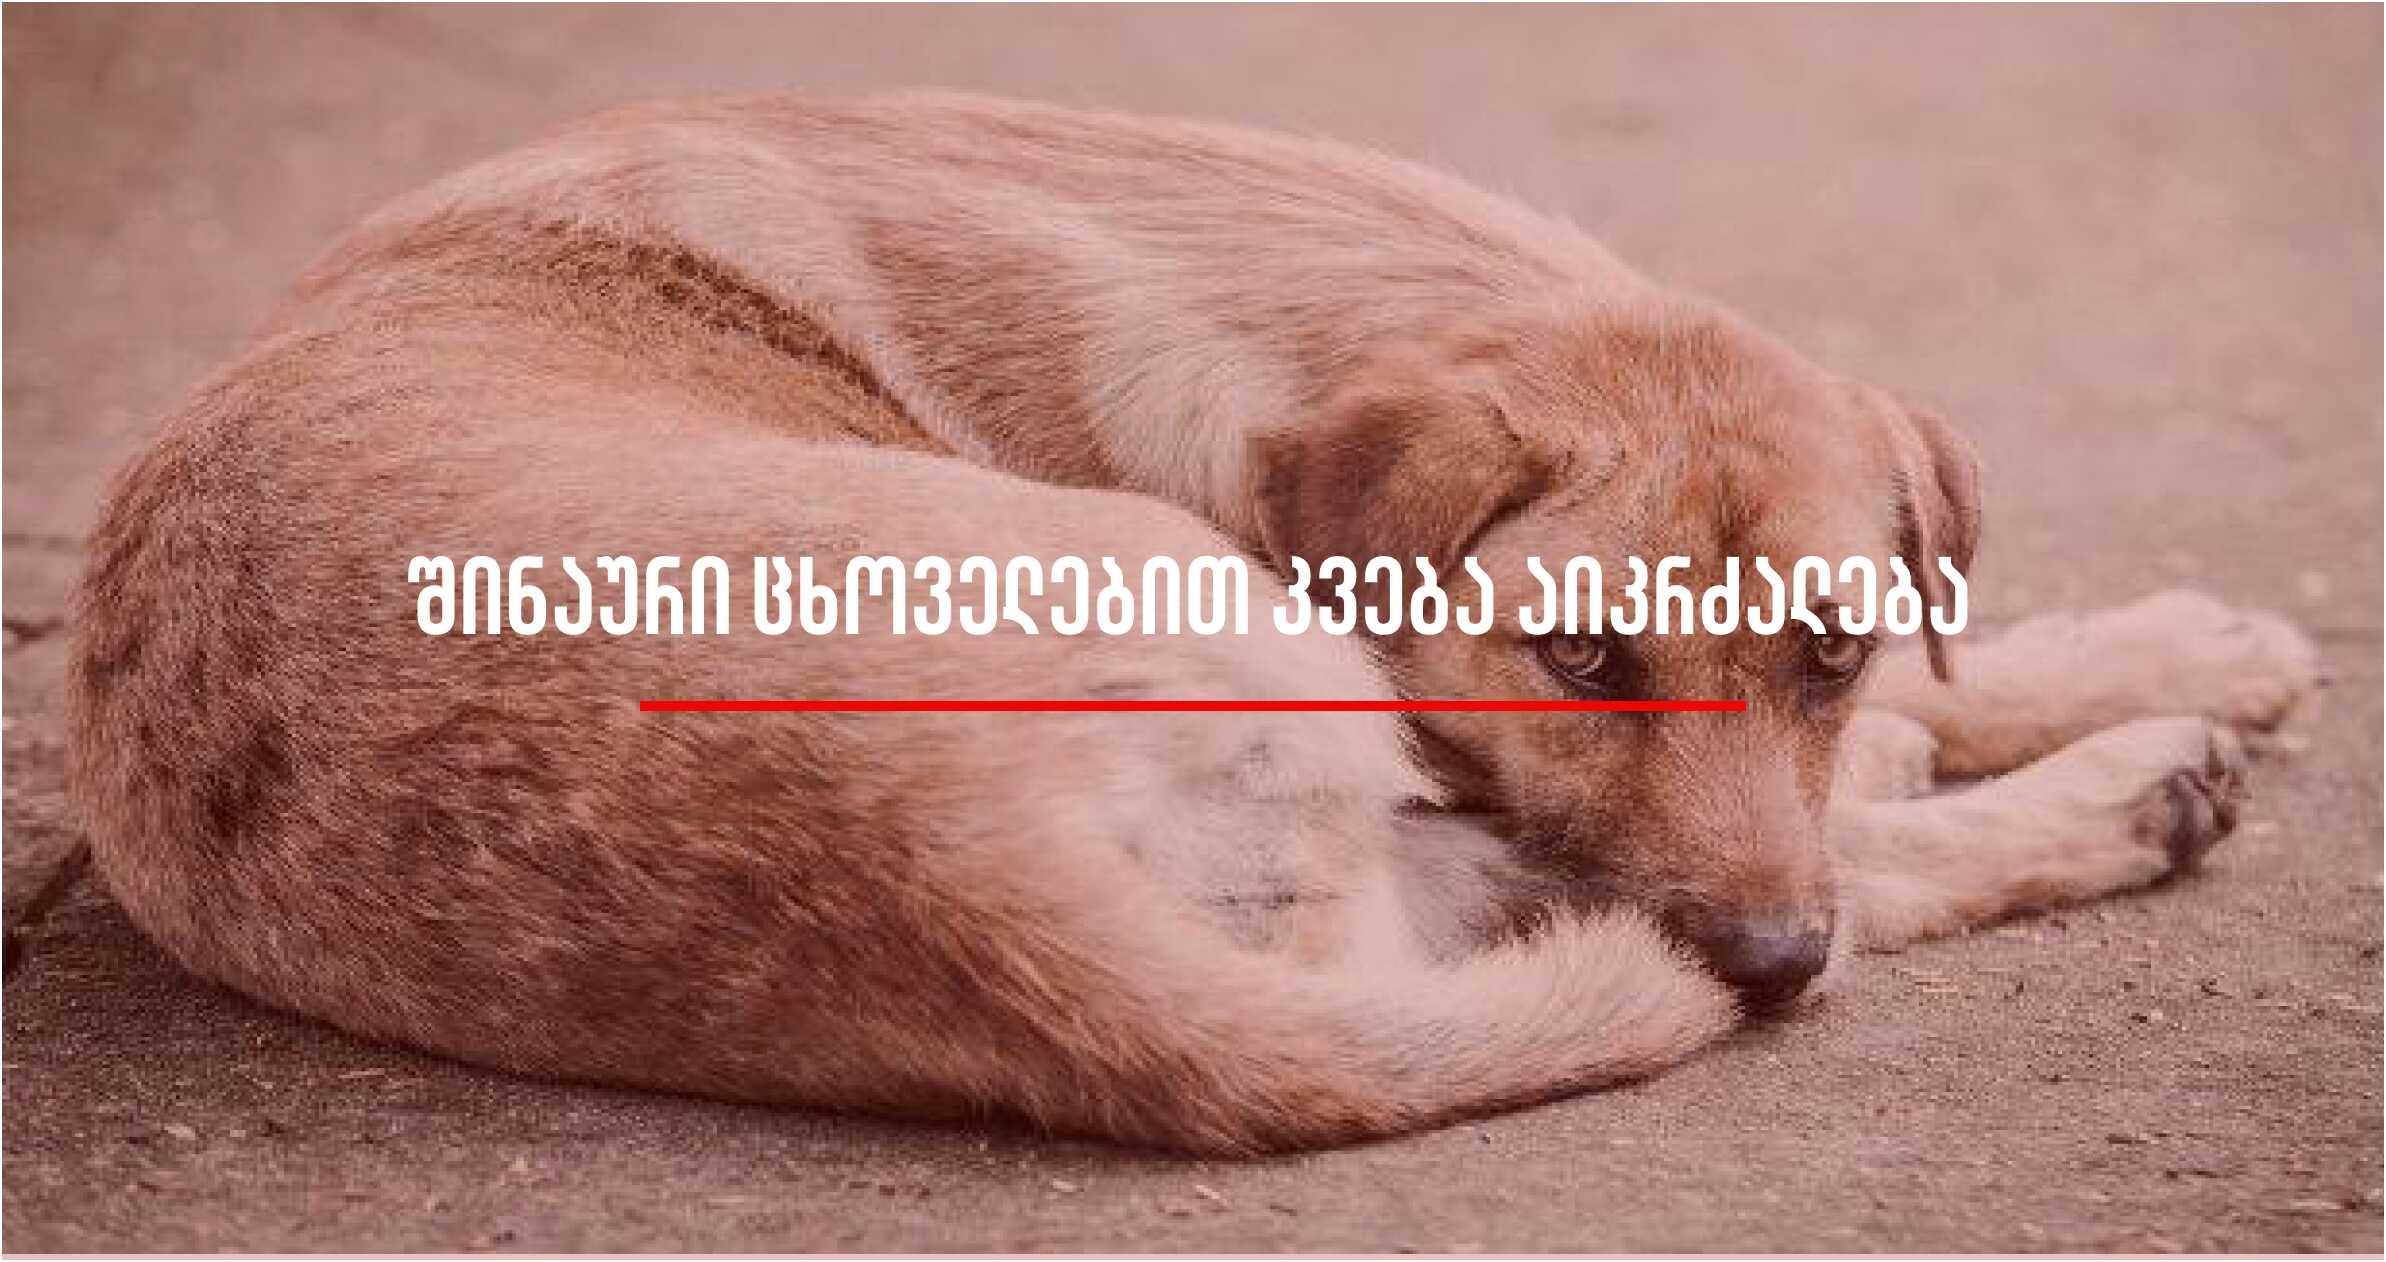 შენჟენში კატებისა და ძაღლების საკვებად გამოყენება აიკრძალება